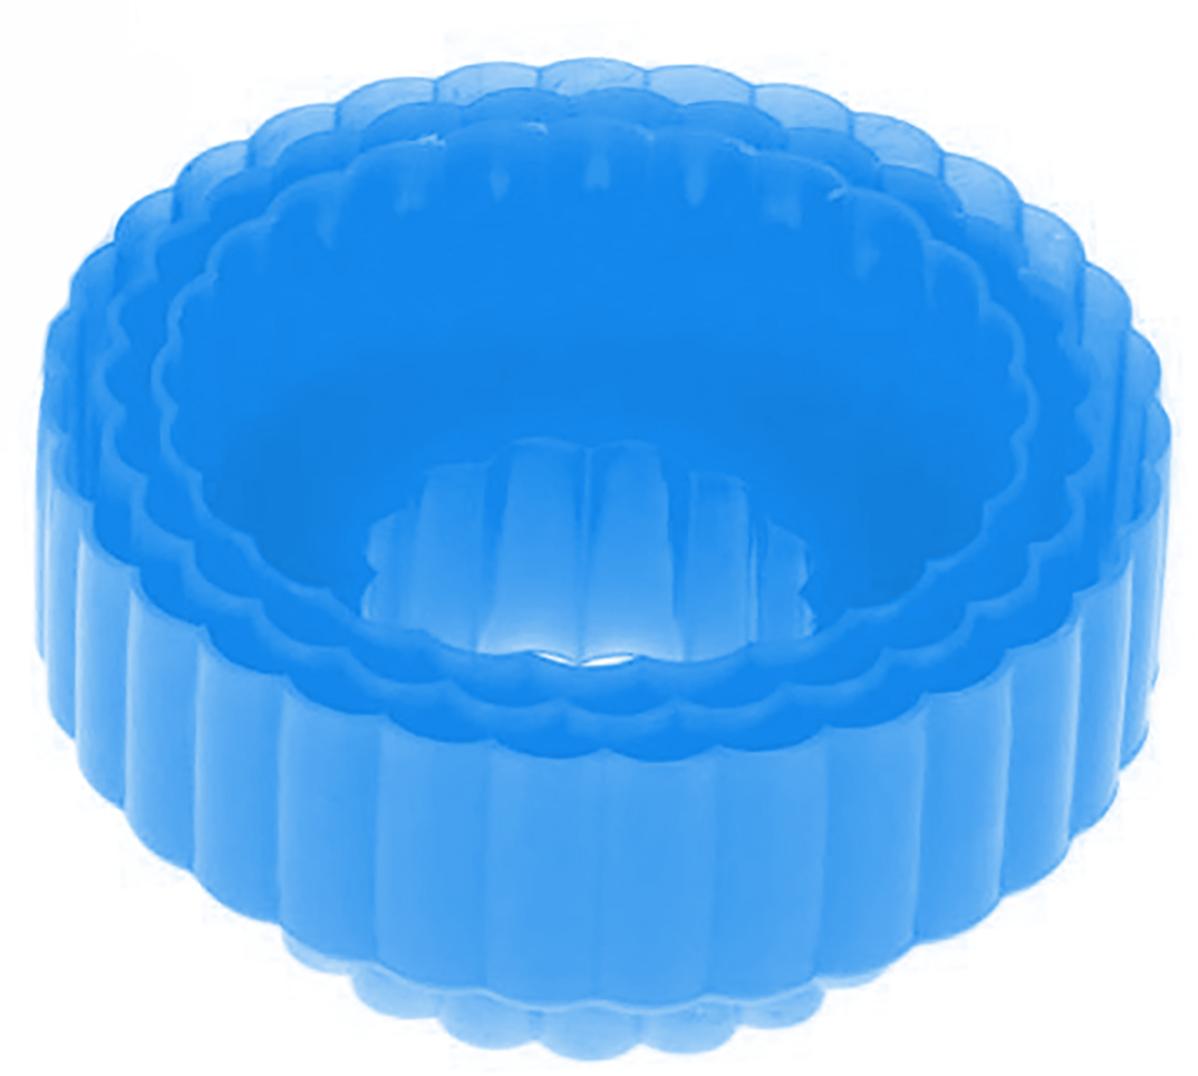 Набор форм для вырезания печенья Доляна Ромашка, цвет: голубой, 8,5 х 4,5 см, 3 шт1259097_голубойОт качества посуды зависит не только вкус еды, но и здоровье человека. — товар, соответствующий российским стандартам качества. Любой хозяйке будет приятно держать его в руках. С нашей посудой и кухонной утварью приготовление еды и сервировка стола превратятся в настоящий праздник.